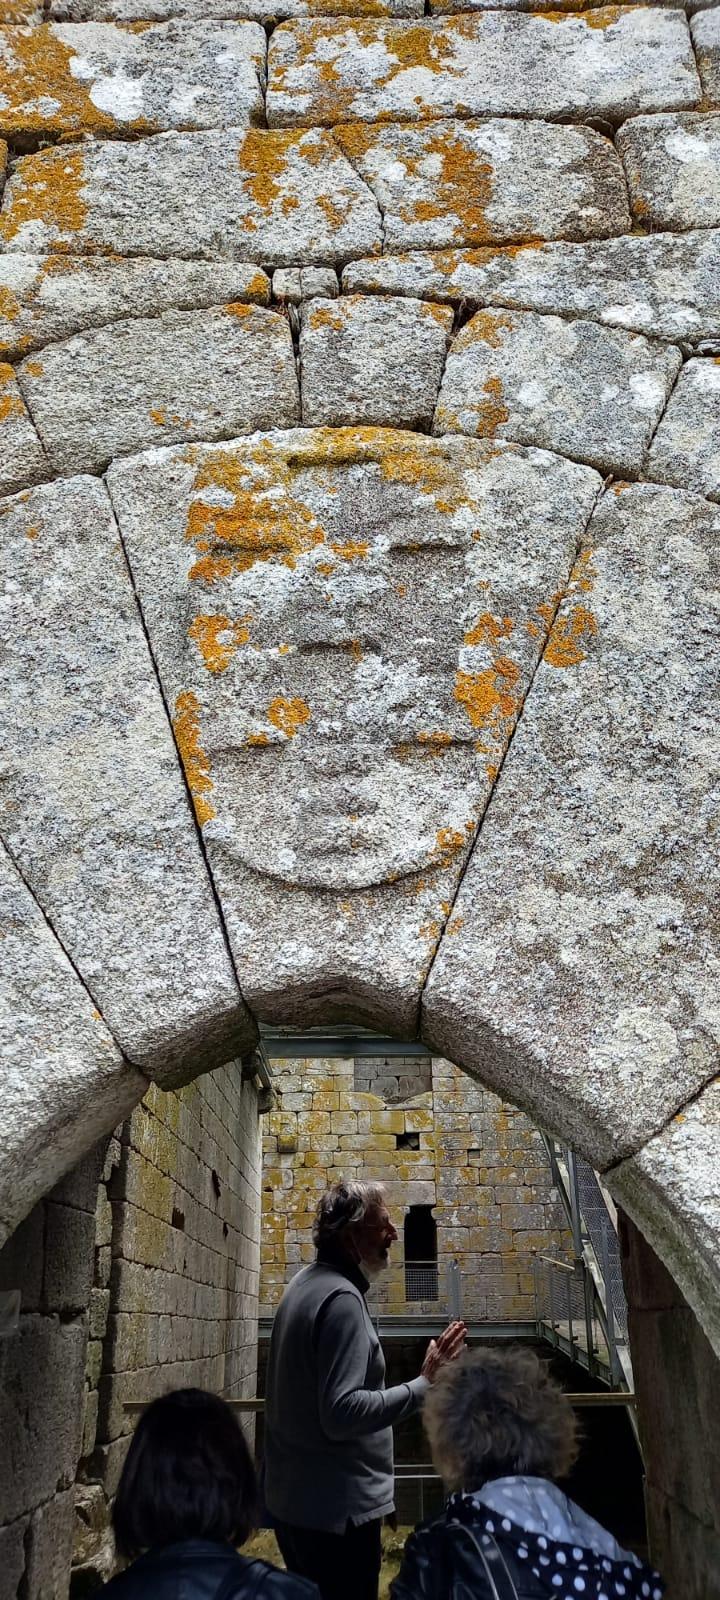 Visita guiada ao castelo de Pambre, inauguración de exposición de menchu Lamas, Instituto de Estudos Ulloáns, Francisco Pardo Teijeiro, 3-7-2021